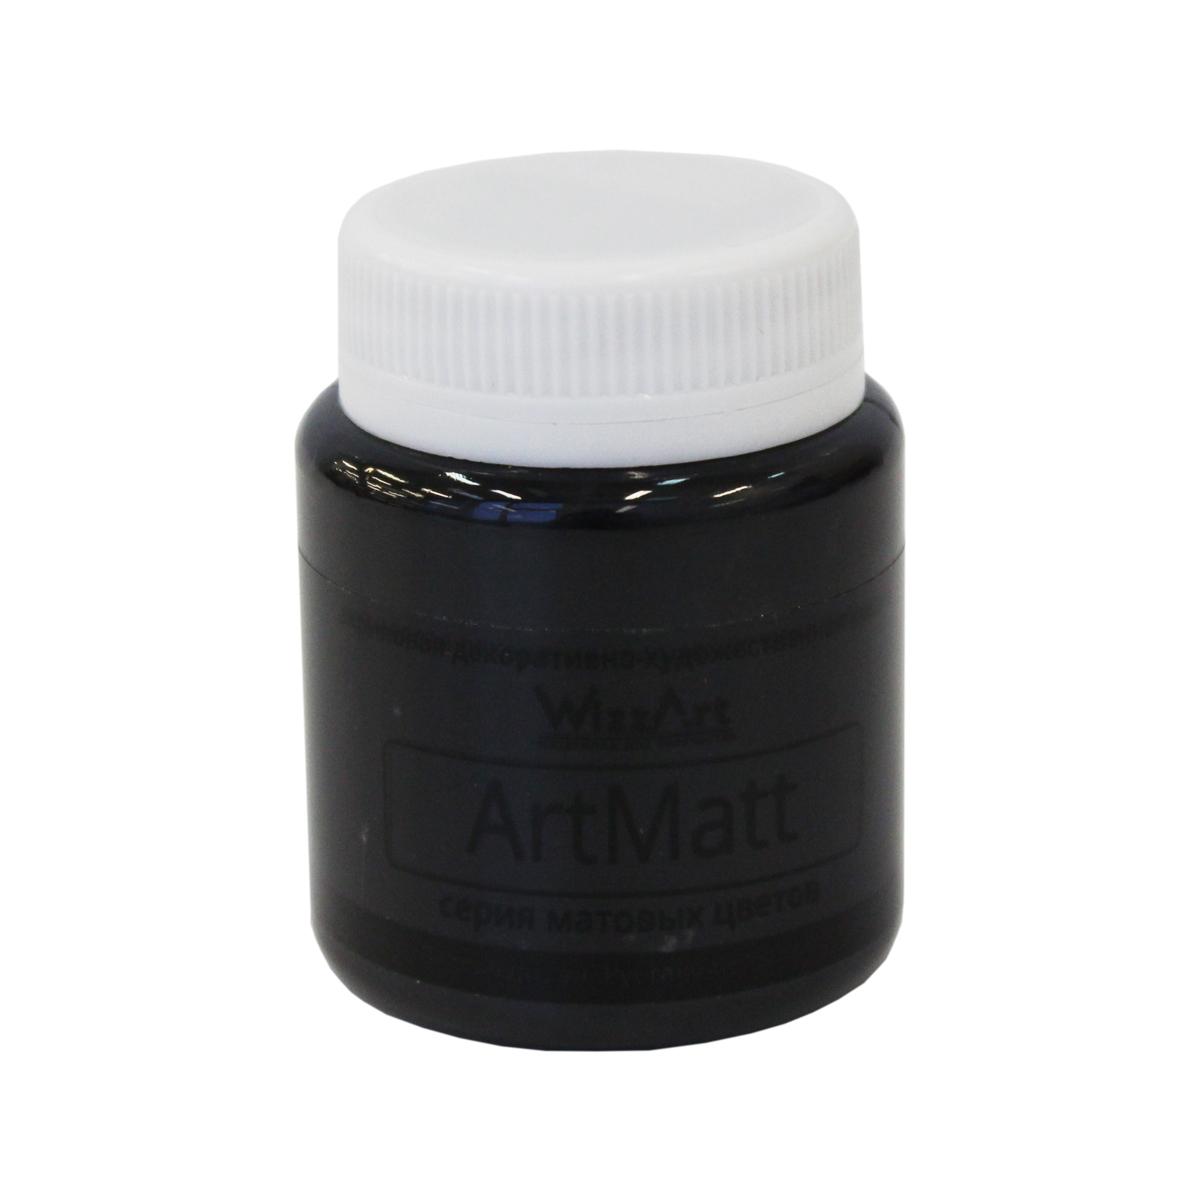 Краска акриловая WizzArt ArtMatt, цвет: черный, 80 мл1141001Серия декоративно-художественных красок ArtMatt от компании WizzArt после высыхания образует ровную матовую поверхность. Богатая палитра оттенков позволит художнику или рукодельнице с легкостью реализовать свою творческую идею. Чистые, глубокие и насыщенные оттенки акриловых красок серии ArtMatt обладают повышенной светостойкостью. Матовая акриловая краска смотрится очень интересно, а в сочетании с глянцевой краской можно создать необычные композиционные акценты в своем рисунке. Акриловые краски WizzArt нетоксичны, ровно ложатся, подходят практически для любой поверхности, а потому востребованы в огромном количестве различных направлений творчества. Ими можно не только писать картины, но и расписывать посуду и сувениры, декорировать украшения и элементы интерьера, использовать во флористике, декупаже, скрапбукинге. Краски от компании WizzArt имеют высокое качество при вполне доступной цене, что делает их одной из наиболее привлекательных позиций в магазинах товаров для творчества.Перед использованием необходимо перемешать.Объем: 80 мл.Товар сертифицирован.